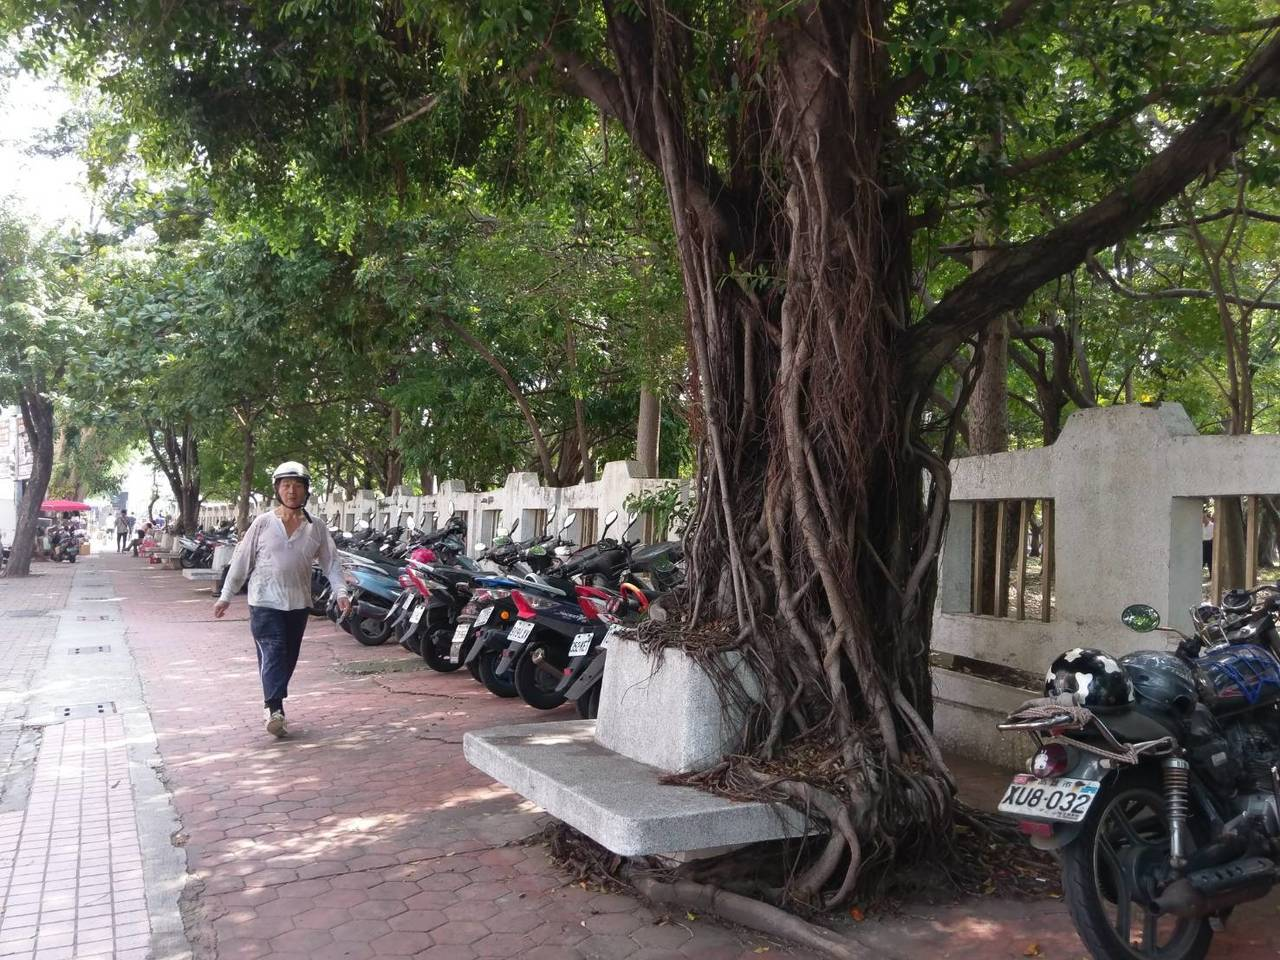 高雄市中正高工運動場旁一排菩提樹,早年不少是種在人行道上的水泥檯上,多年後,菩提...